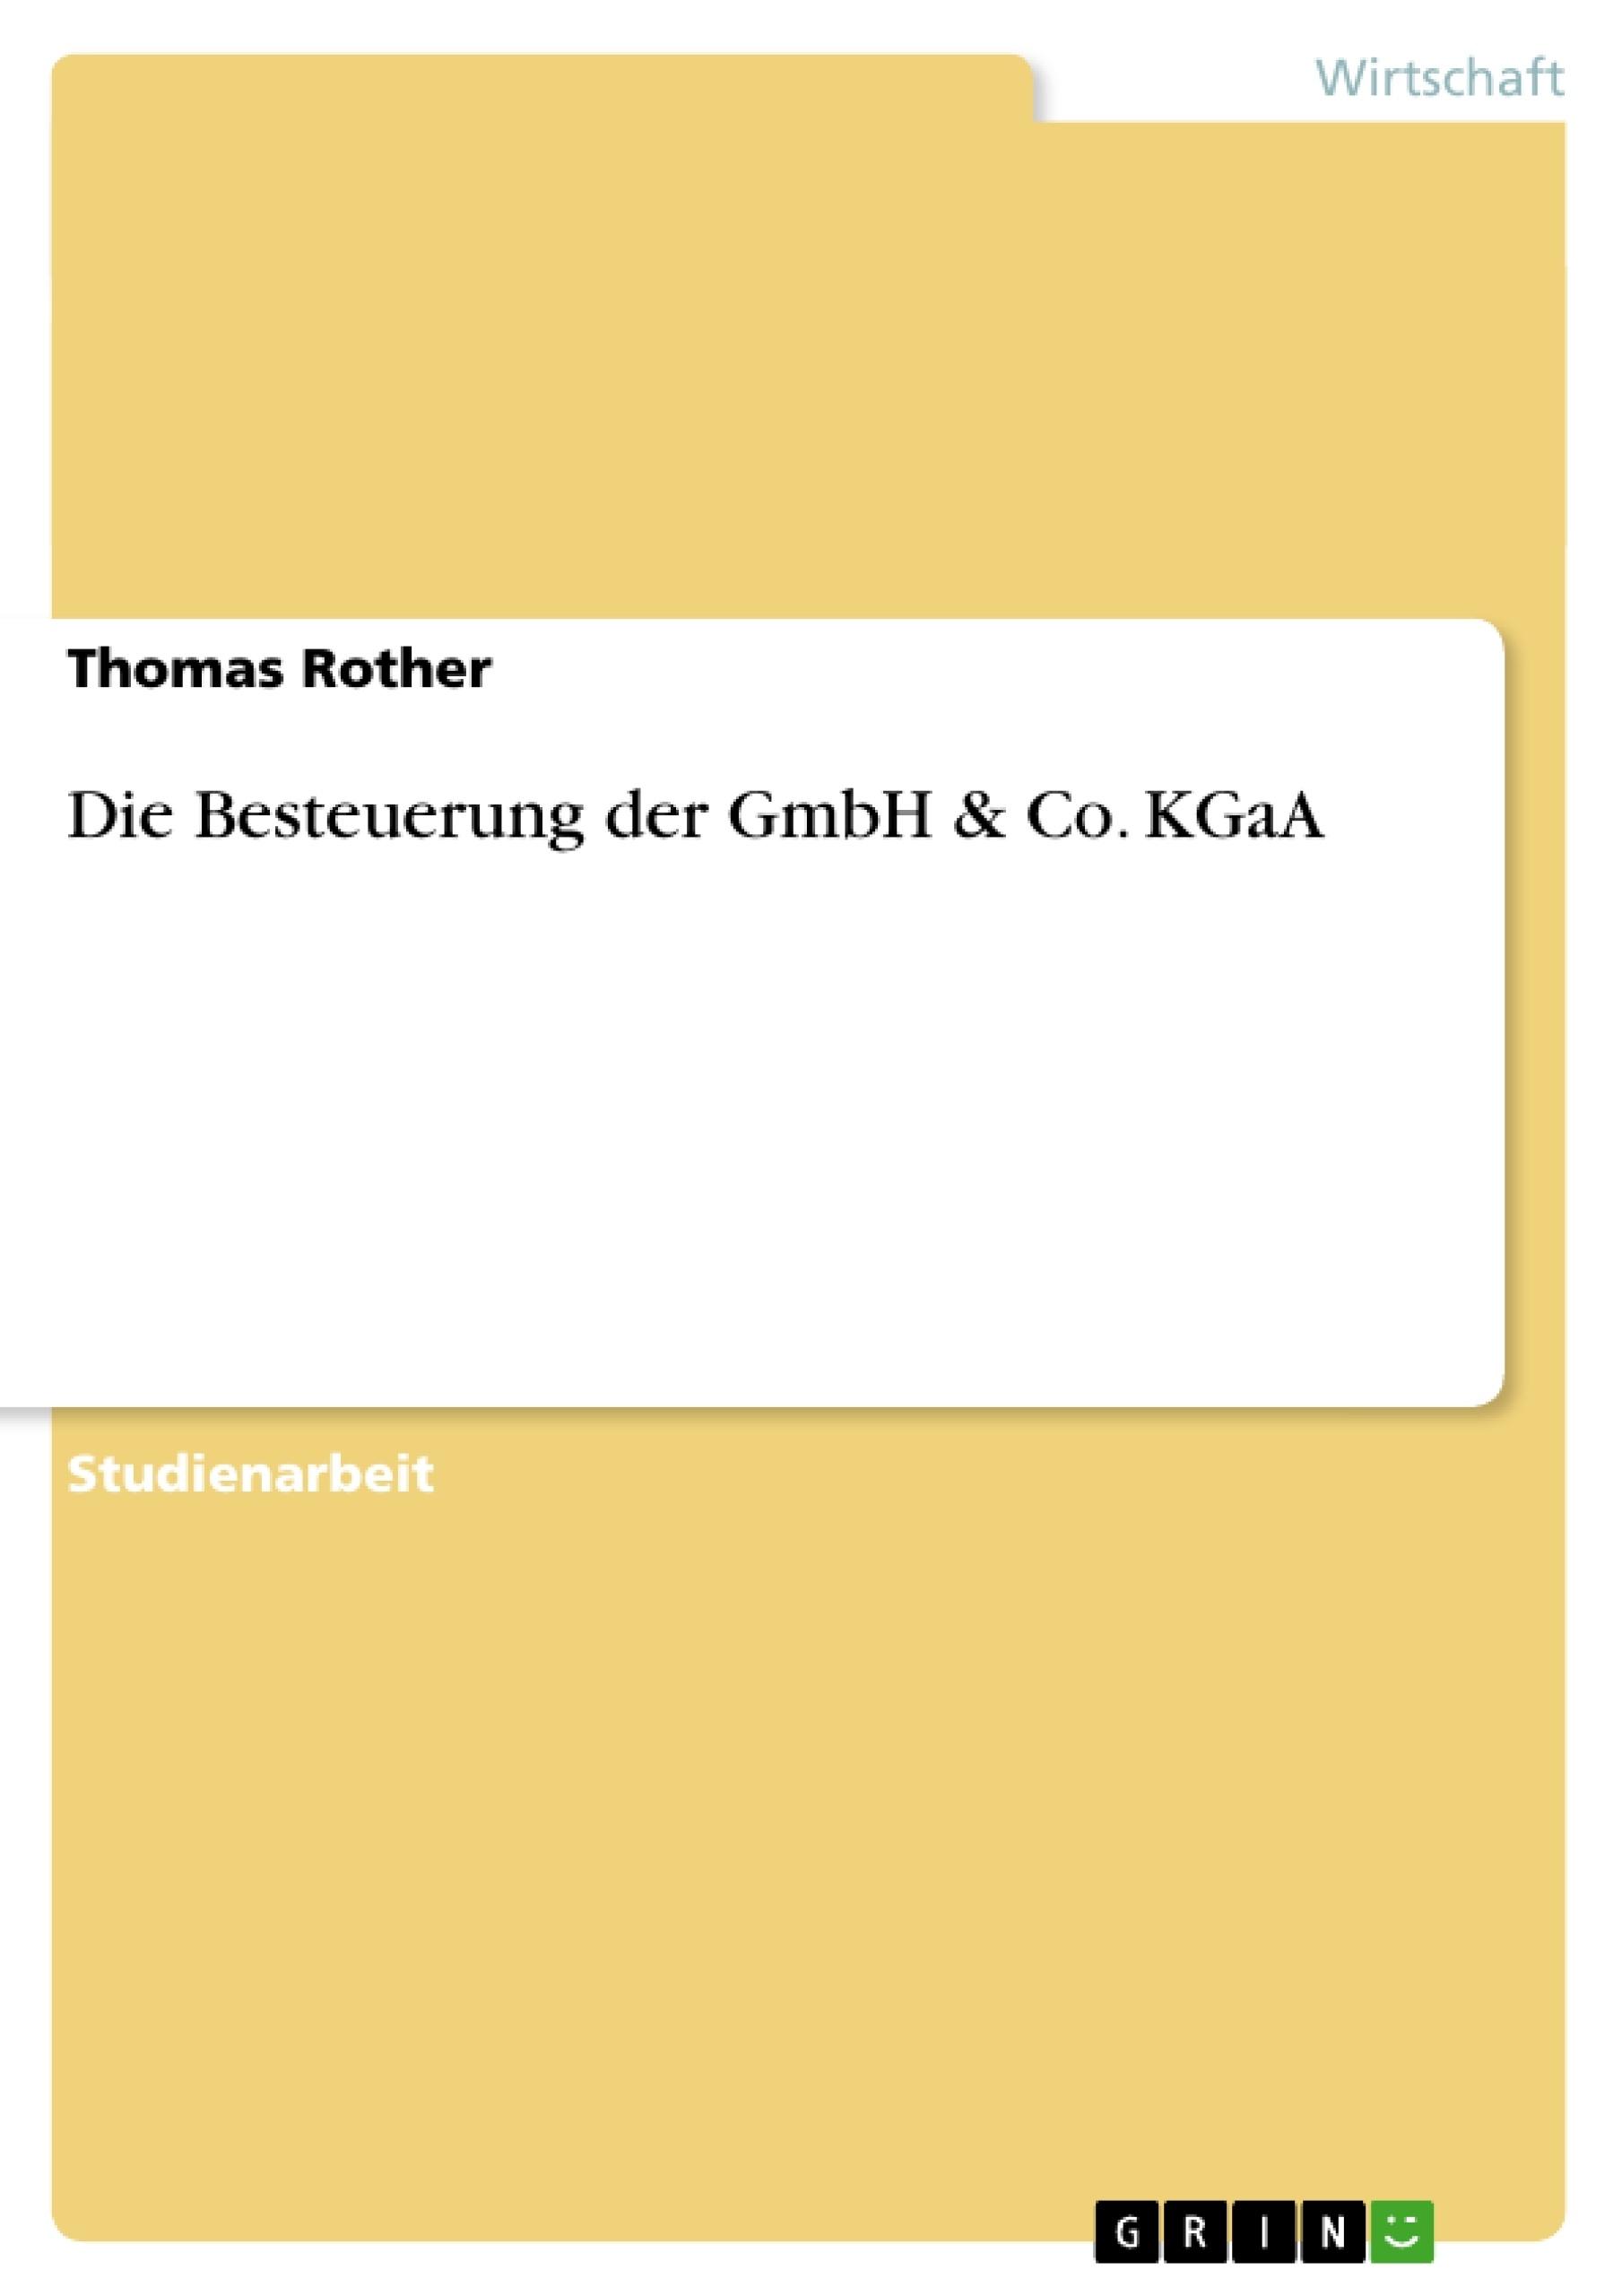 Titel: Die Besteuerung der GmbH & Co. KGaA